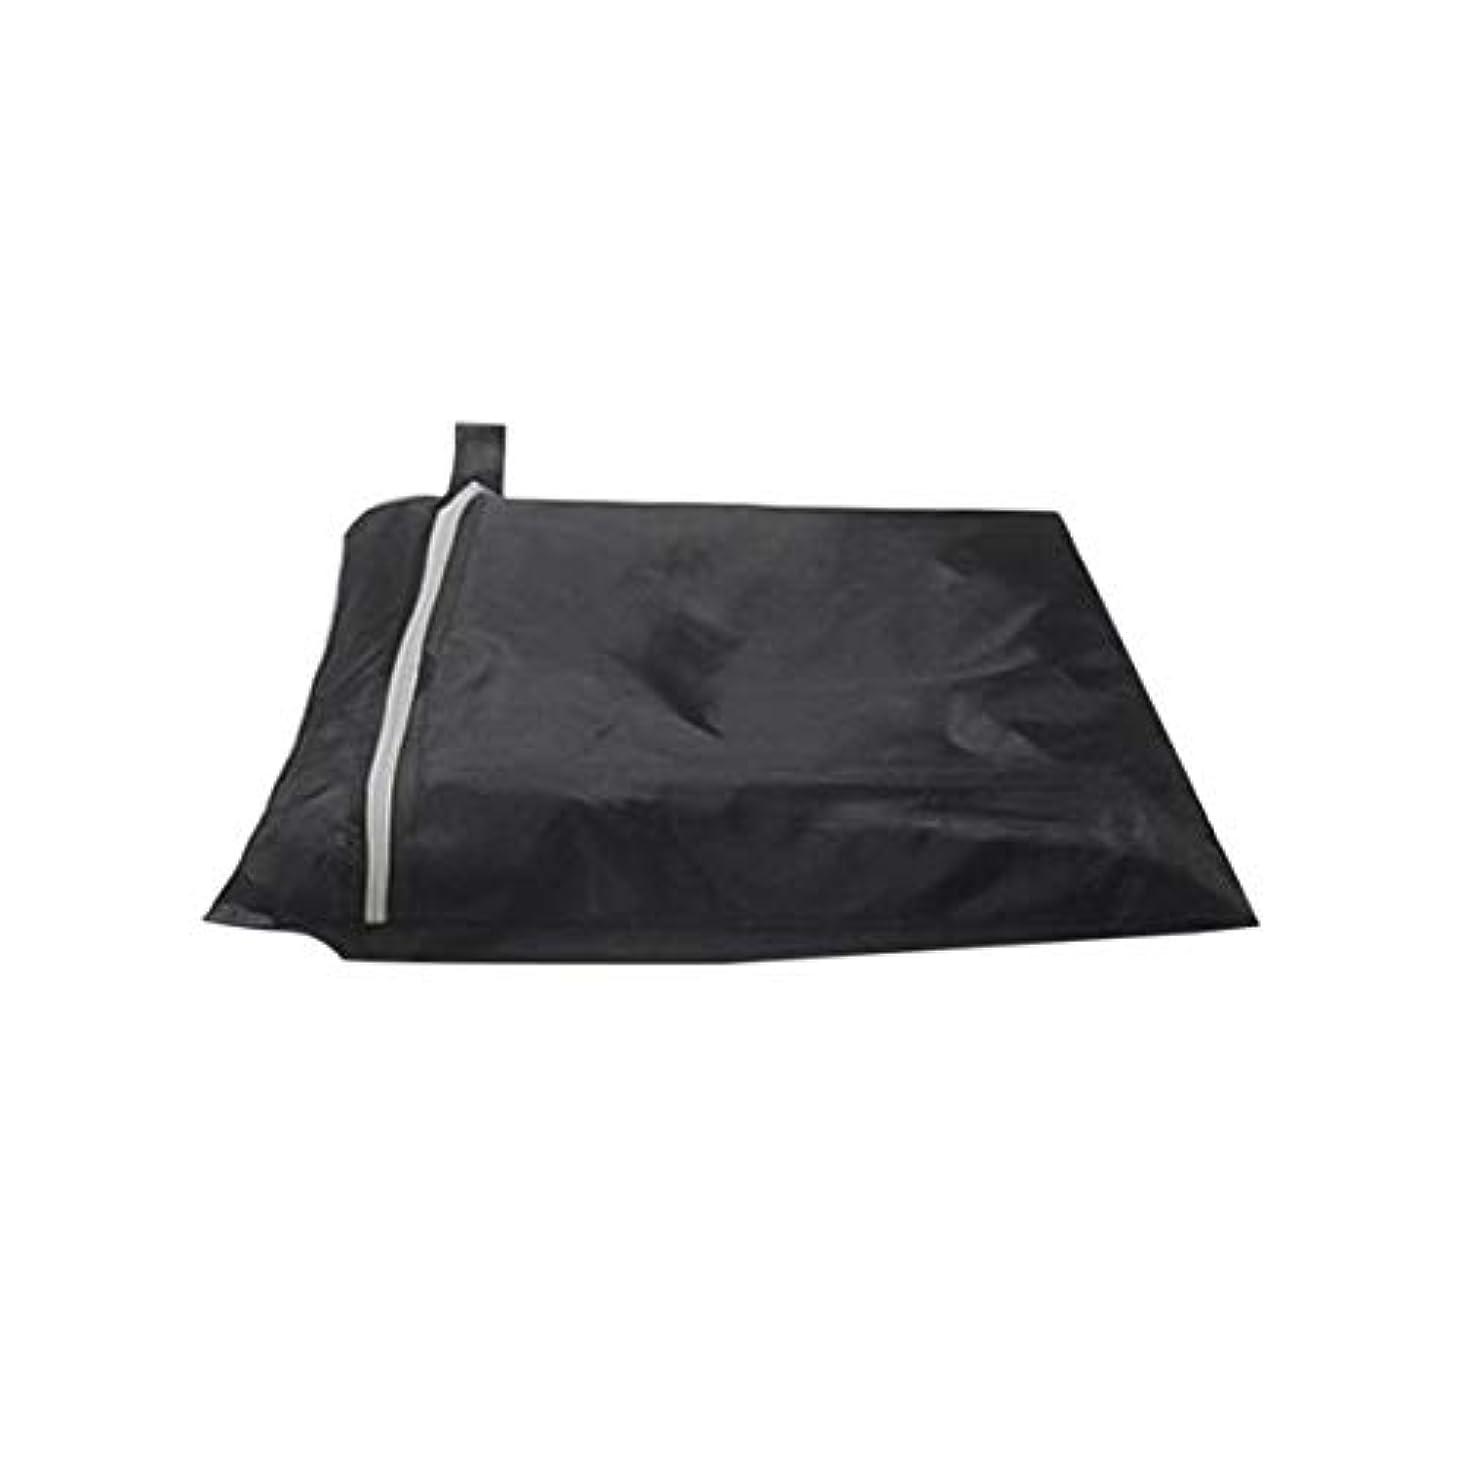 援助するどっち粘土ガスバーベキューグリルのための防雨防水バーベキューカバー屋外ストレージ大型防塵190Tポリエステル保護カバー-ブラック170 * 61 * 117cm